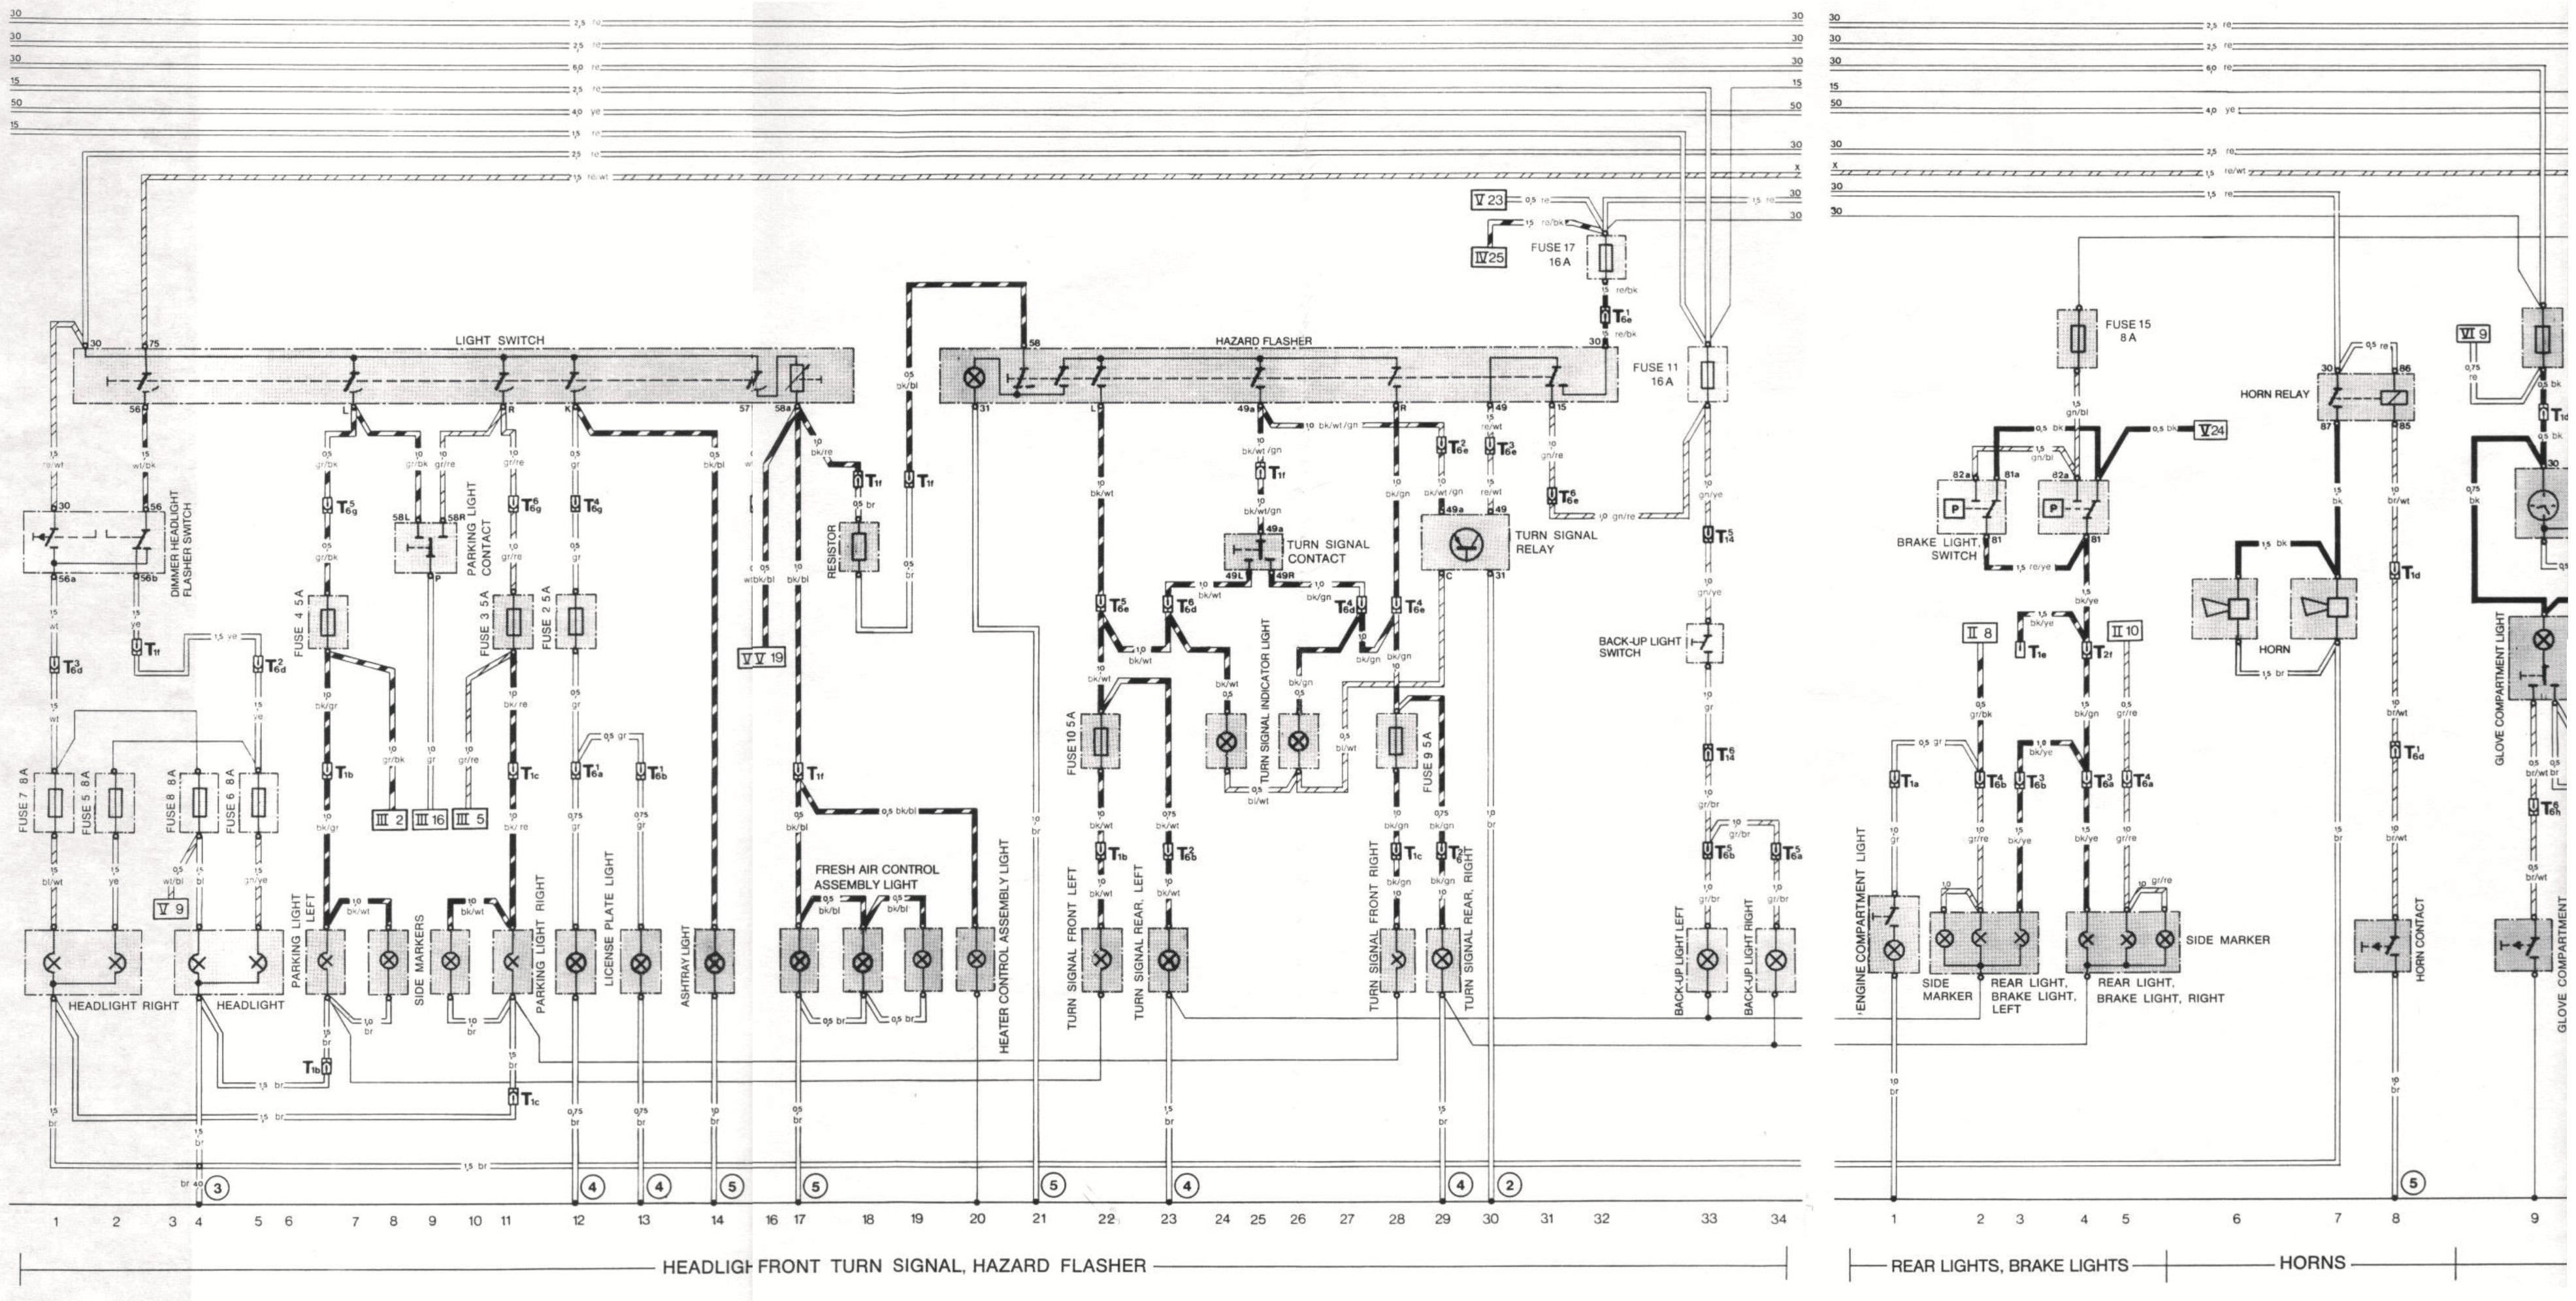 porsche 911 dash wiring - wiring diagram sharp-alternator-a -  sharp-alternator-a.lasuiteclub.it  lasuiteclub.it